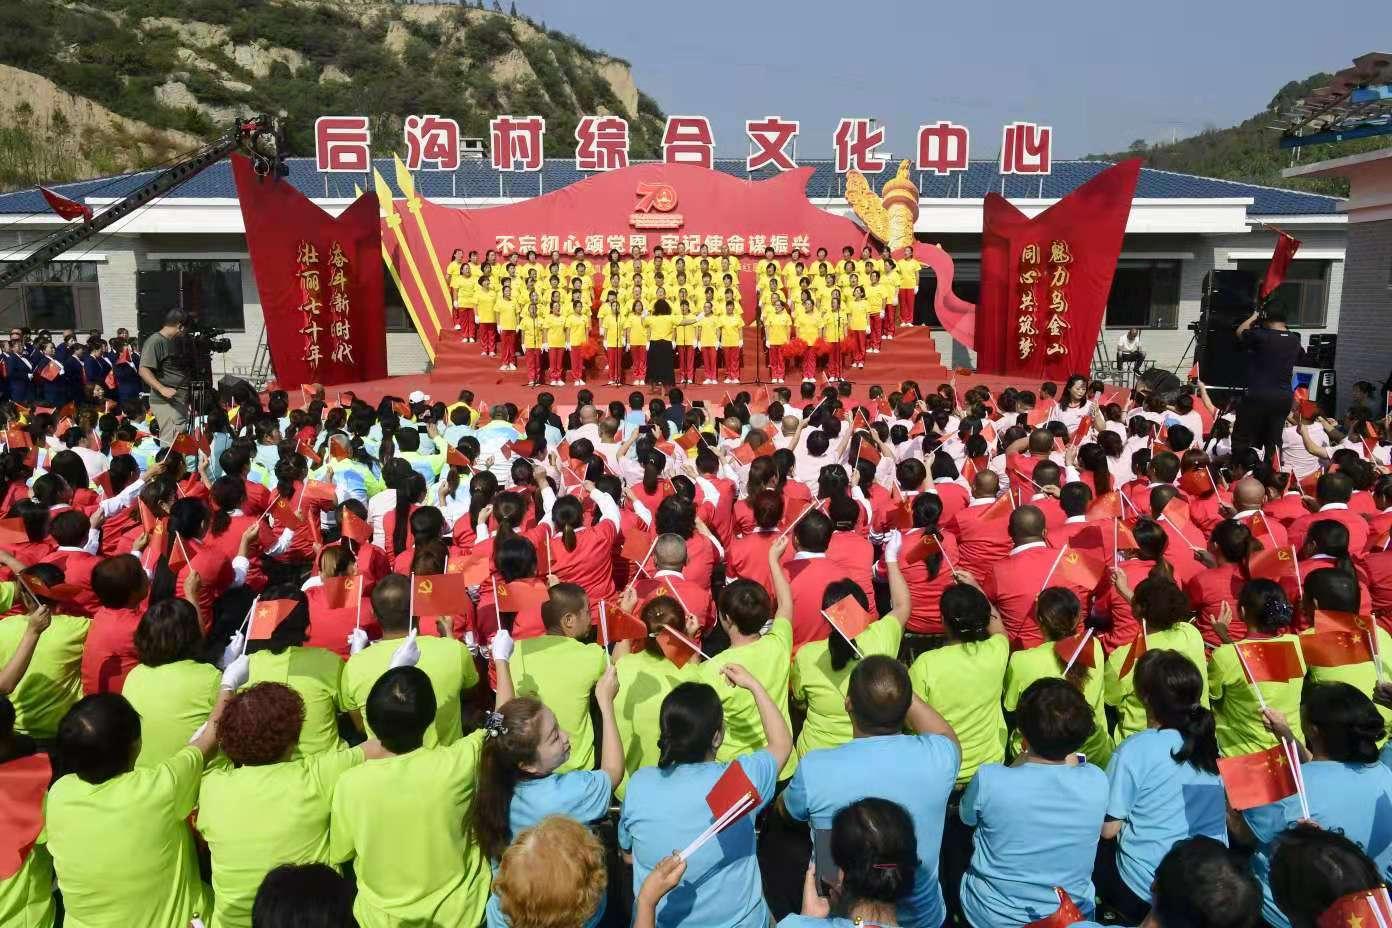 山西榆次乌金山镇千人唱红歌礼赞新中国